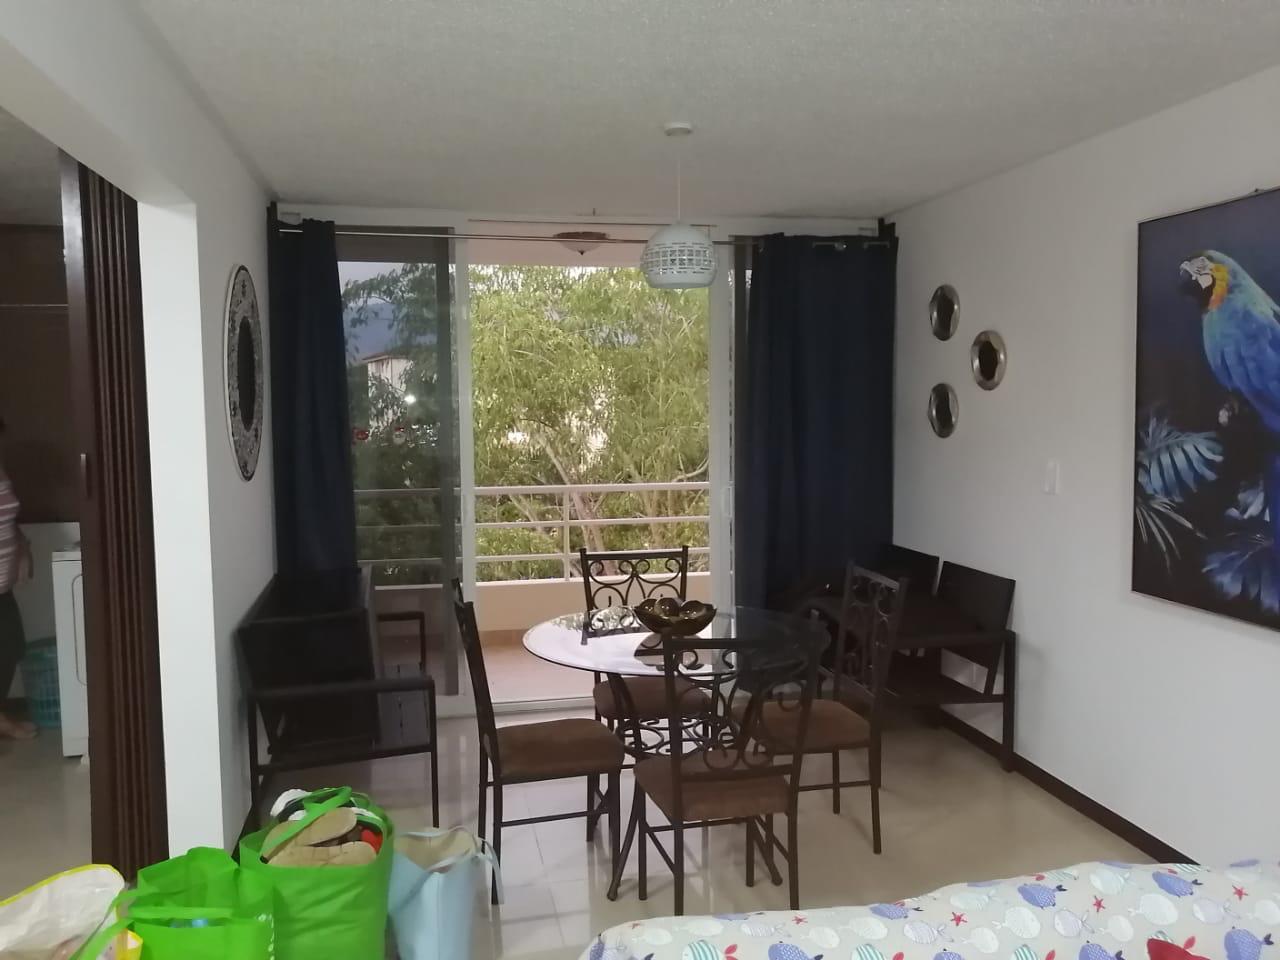 Venta de apartamento de 3 habitaciones ubicado en Jacó